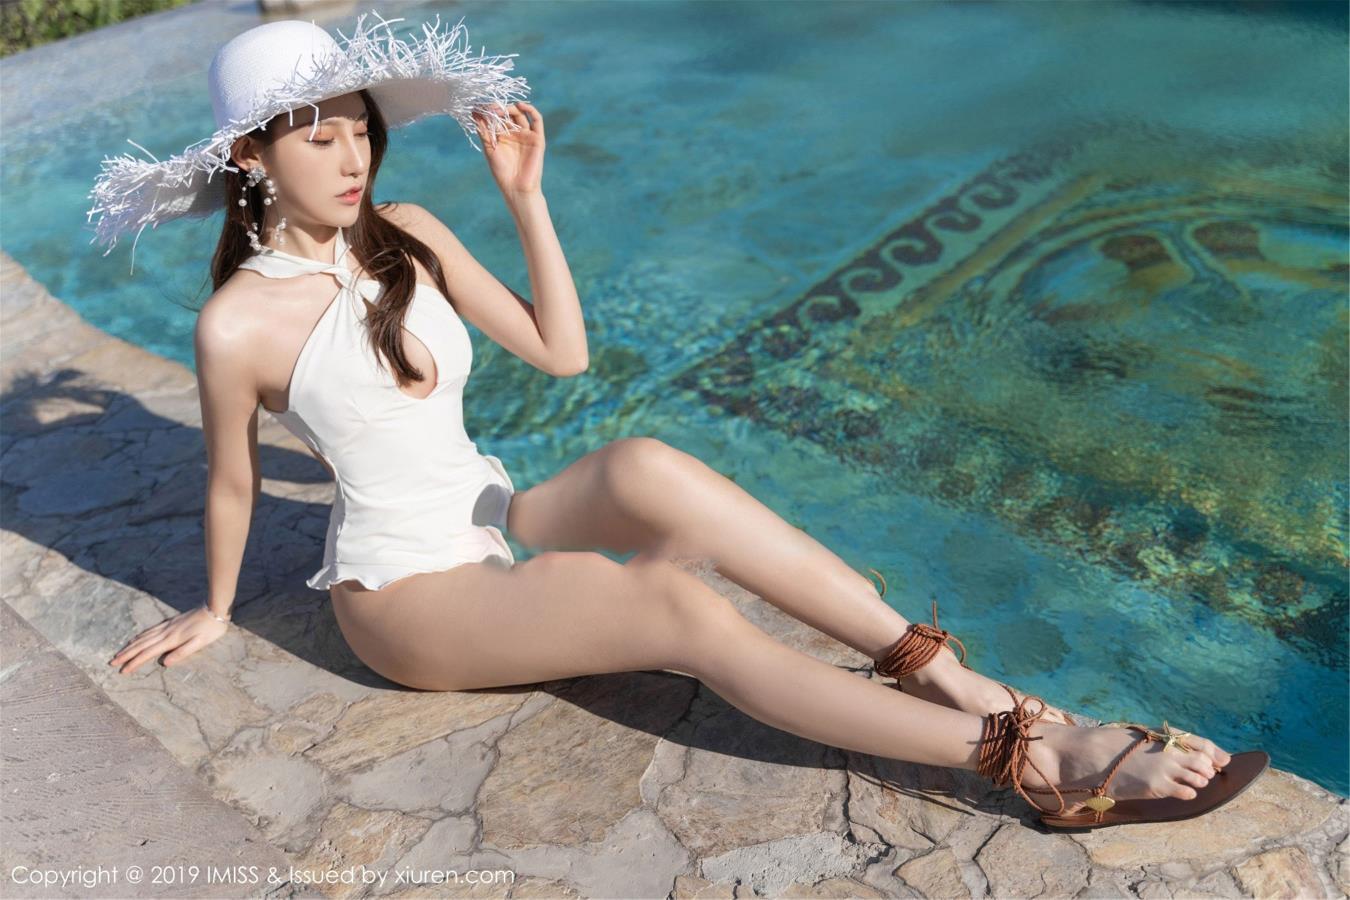 刘奕宁Lynn爱蜜社 - 土耳其旅拍美女比基尼泳装诱惑第二套写真发布